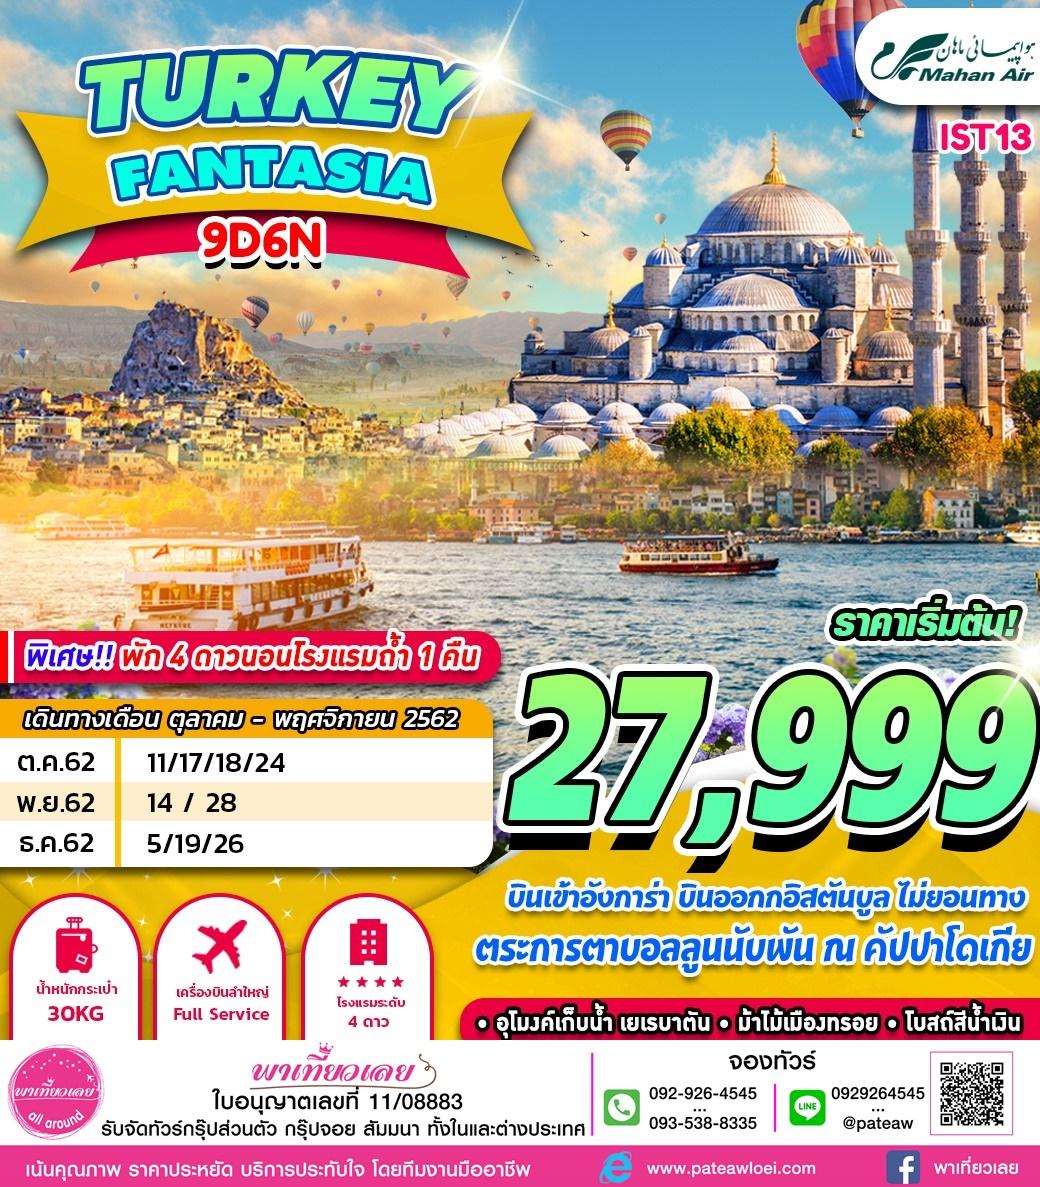 ตุรกี TURKEY FANTASIA 9วัน 6คืน